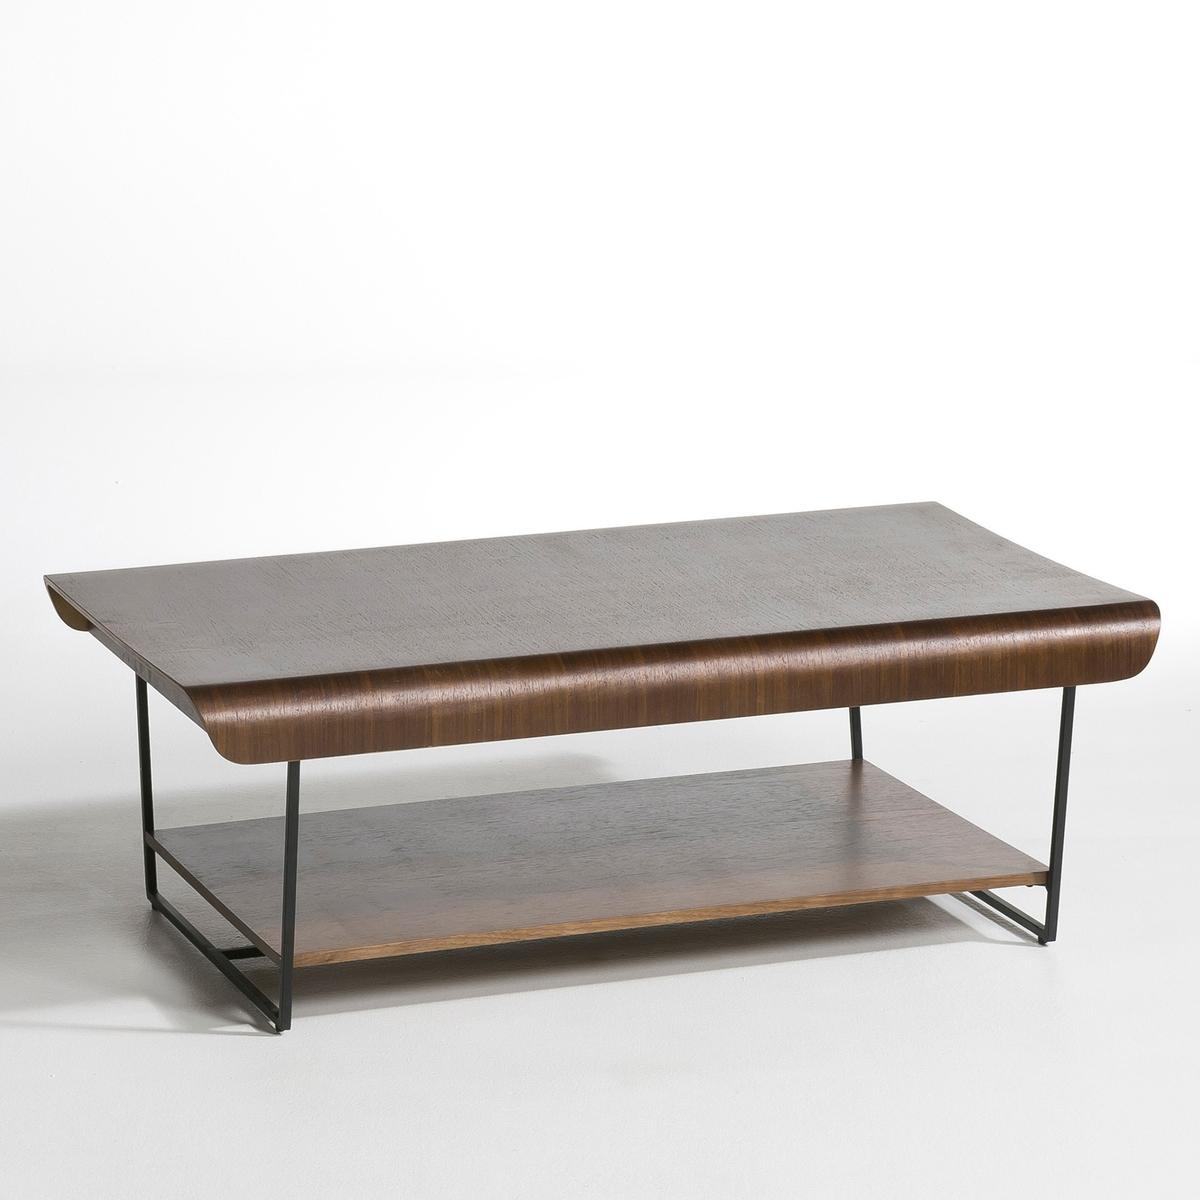 Столик LaRedoute Журнальный Bardi дизайн Э Галлины единый размер каштановый столик laredoute журнальный из дуба покрытого олифой adelita единый размер каштановый